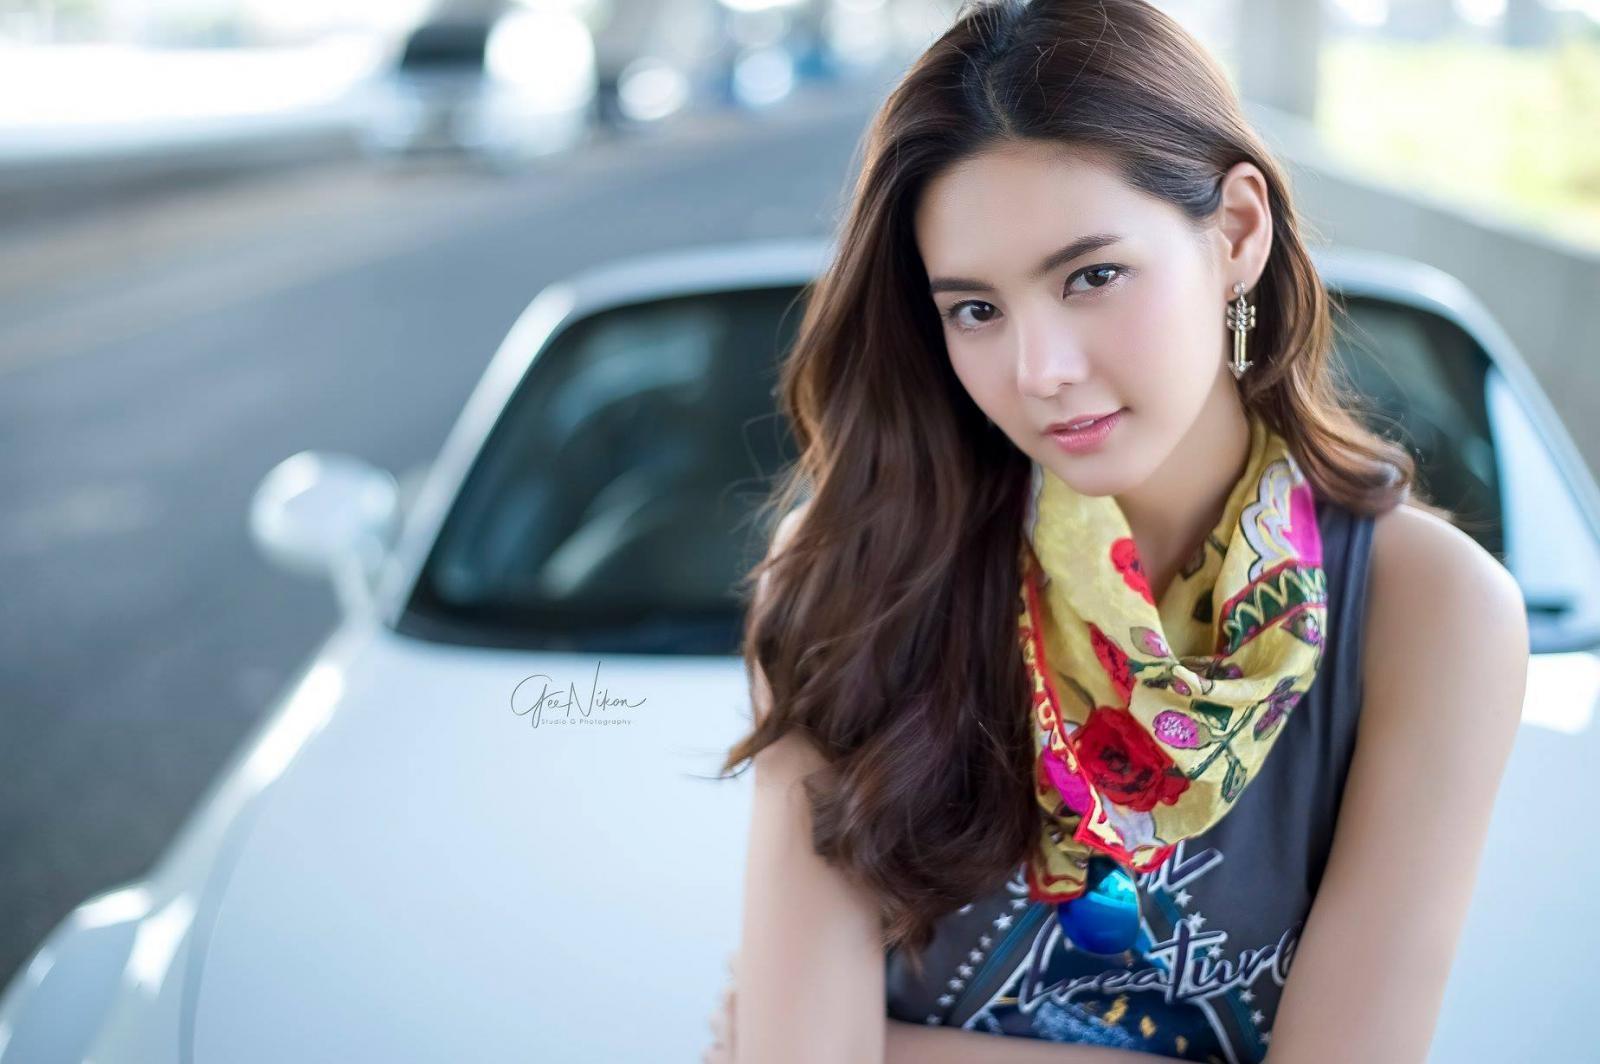 Tim đập loạn nhịp trước người đẹp Thái Lan bên Mazda mui trần - 7